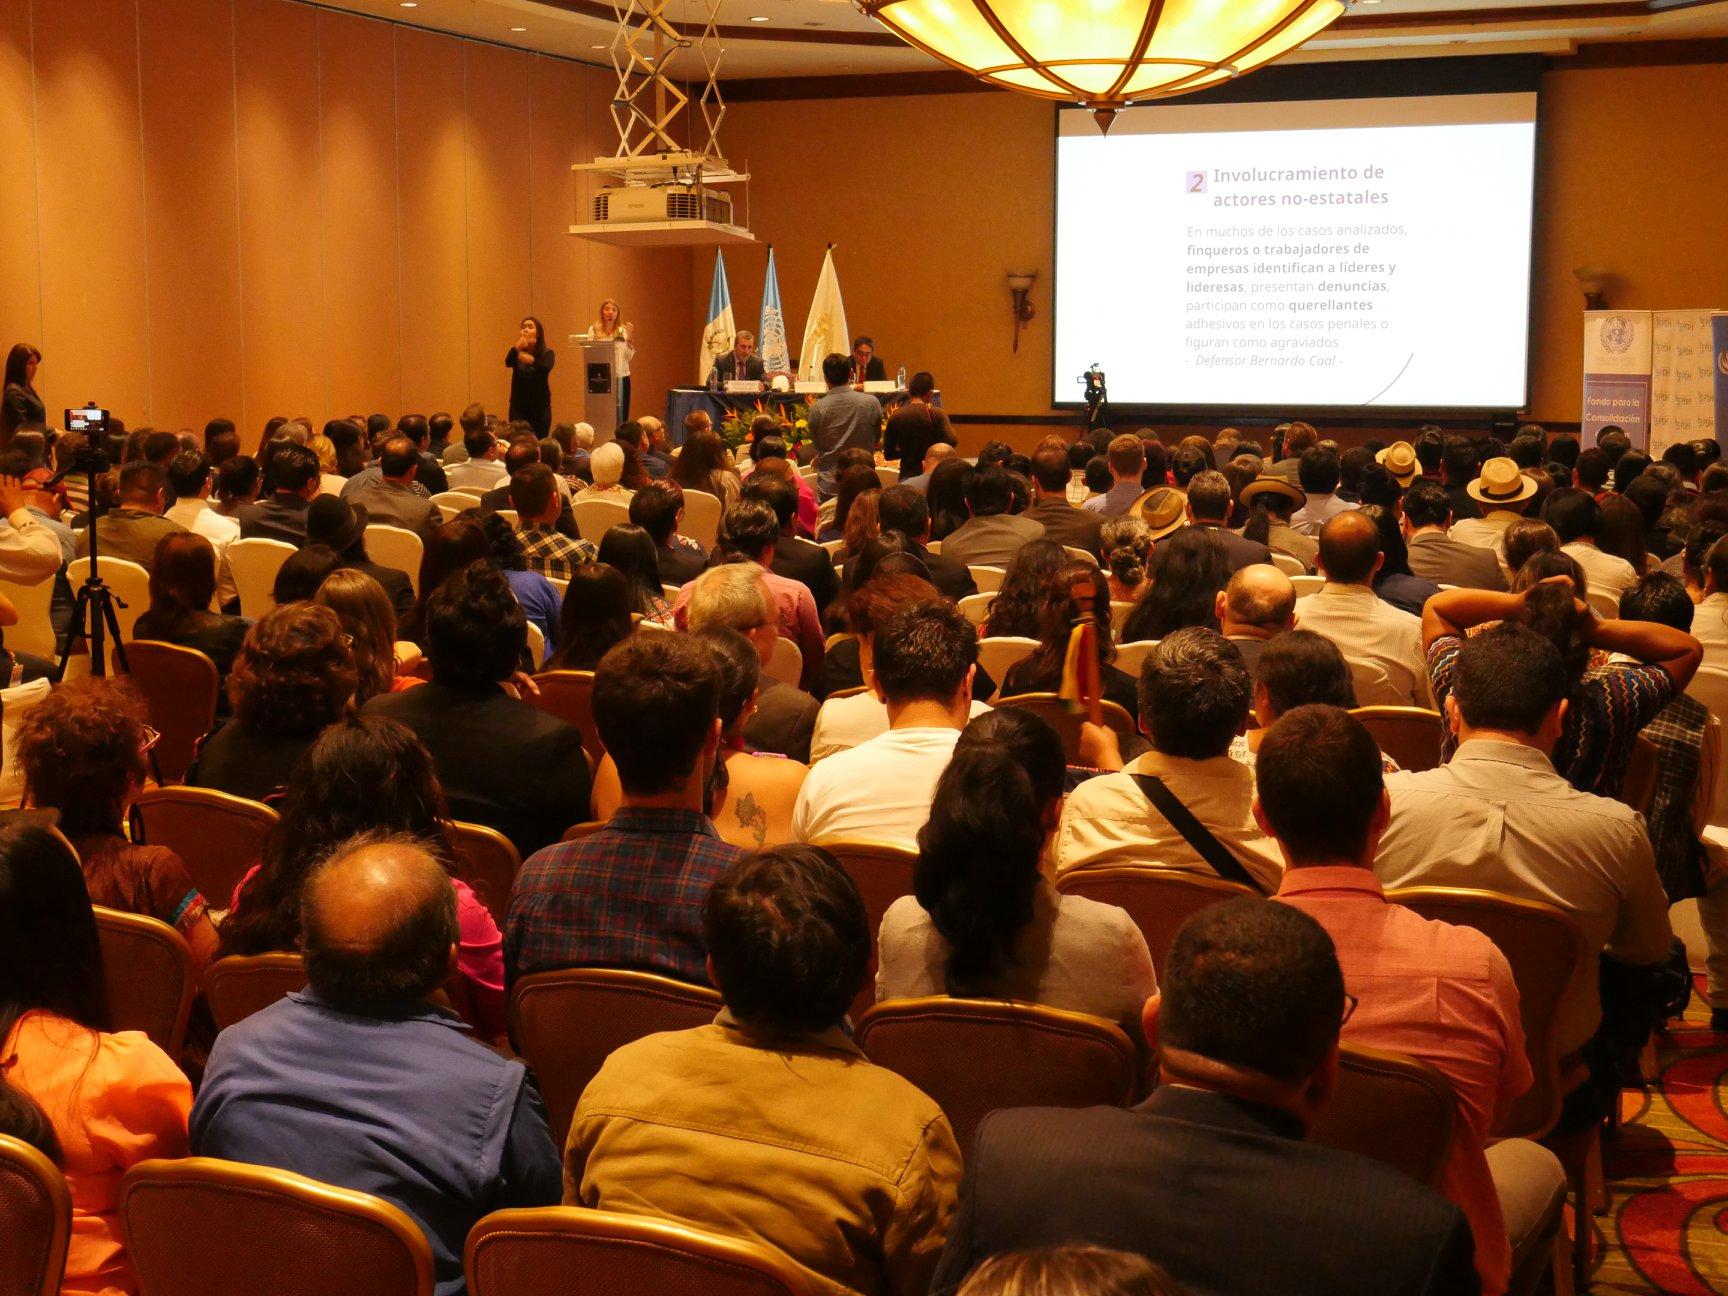 El informe Situación de las personas defensoras de derechos humanos en Guatemala: Entre el compromiso y la adversidad refleja la situación de vulnerabilidad de las personas que velan por el bien común. (Foto Prensa Libre: @OACNUDHGuatemala)